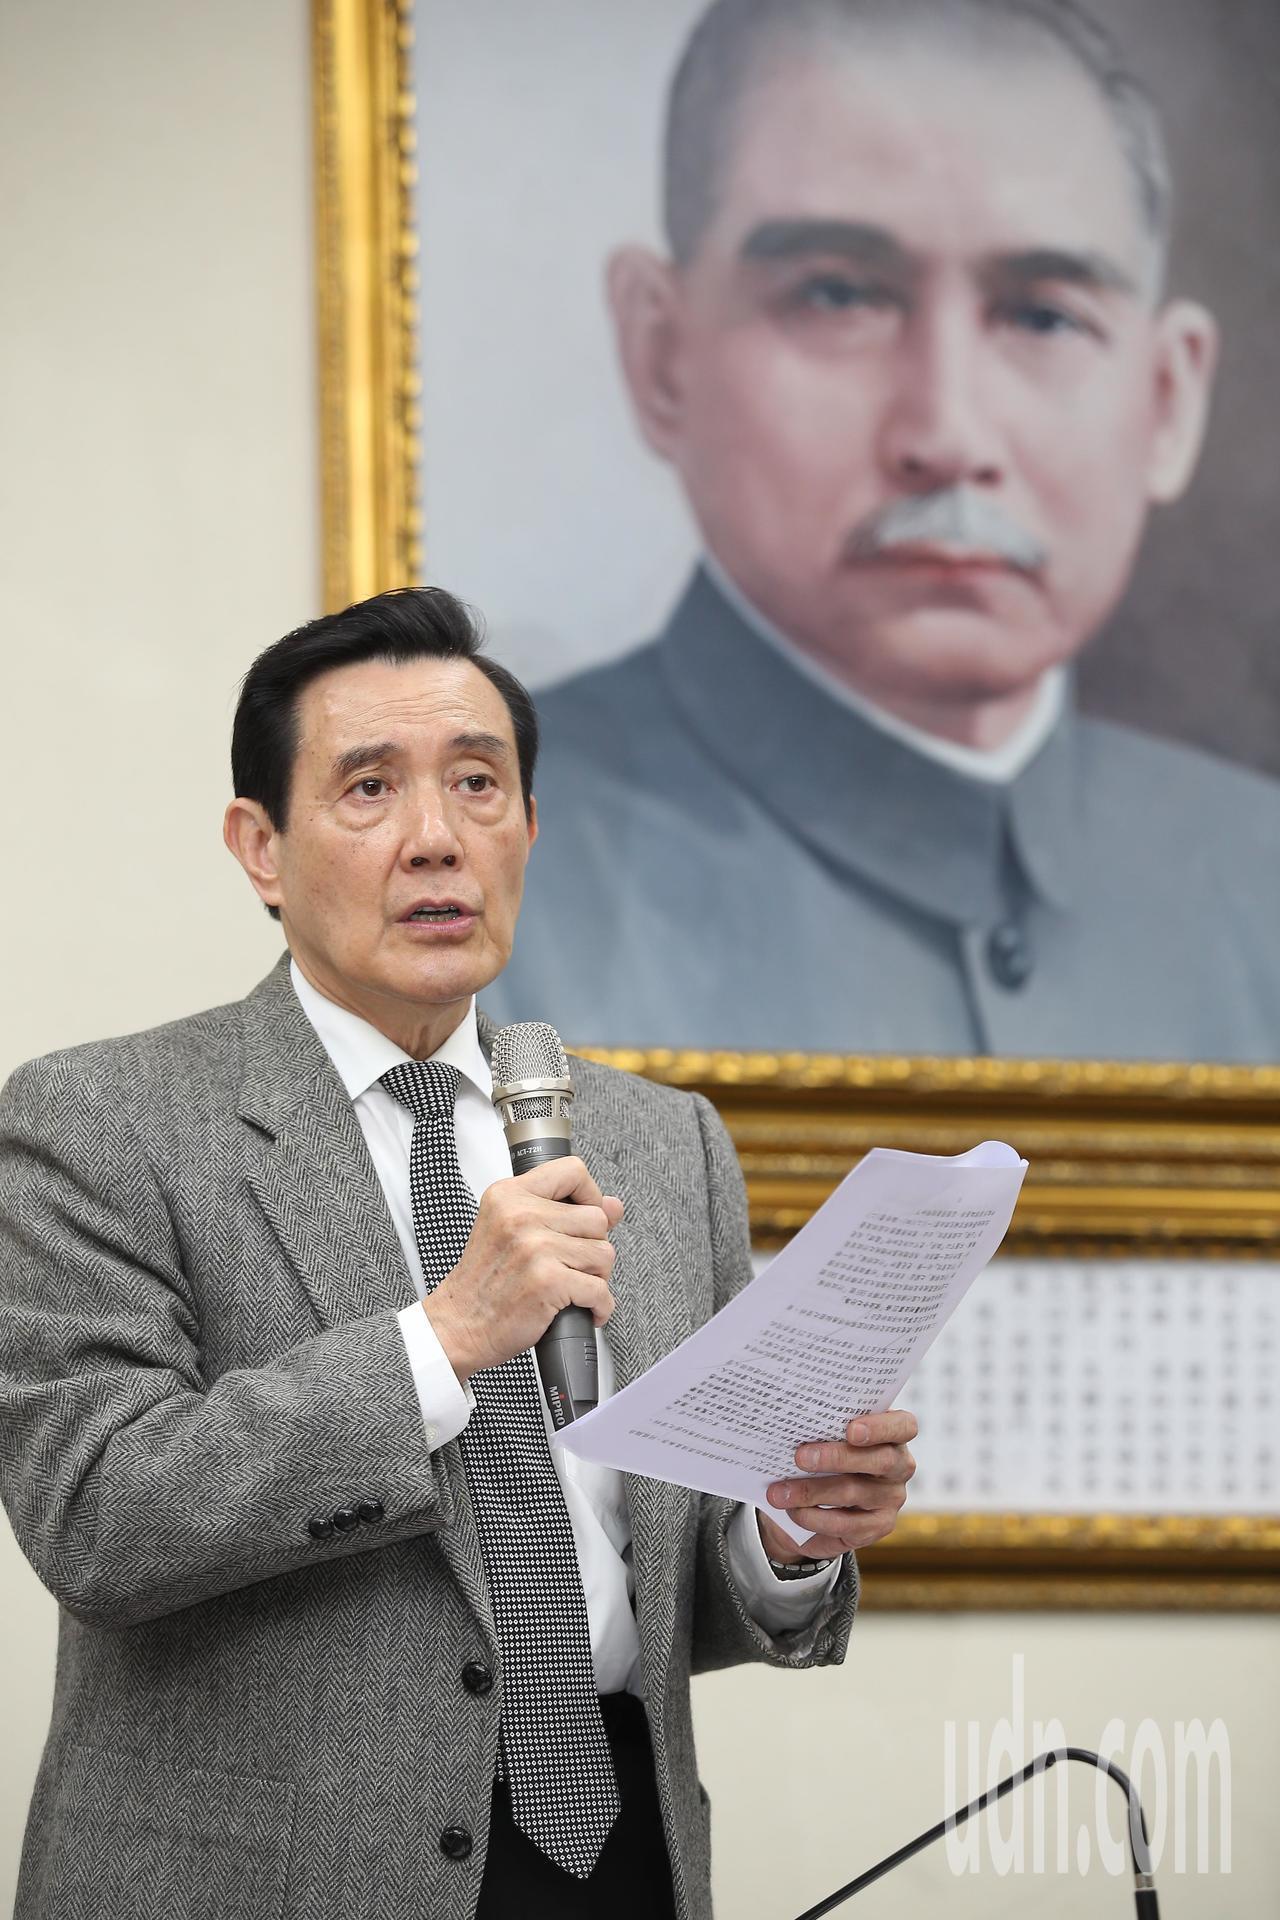 領過中山獎學金的前總統馬英九(圖)表示,領中山獎學金是「抓耙子」說法,沒有道理及...